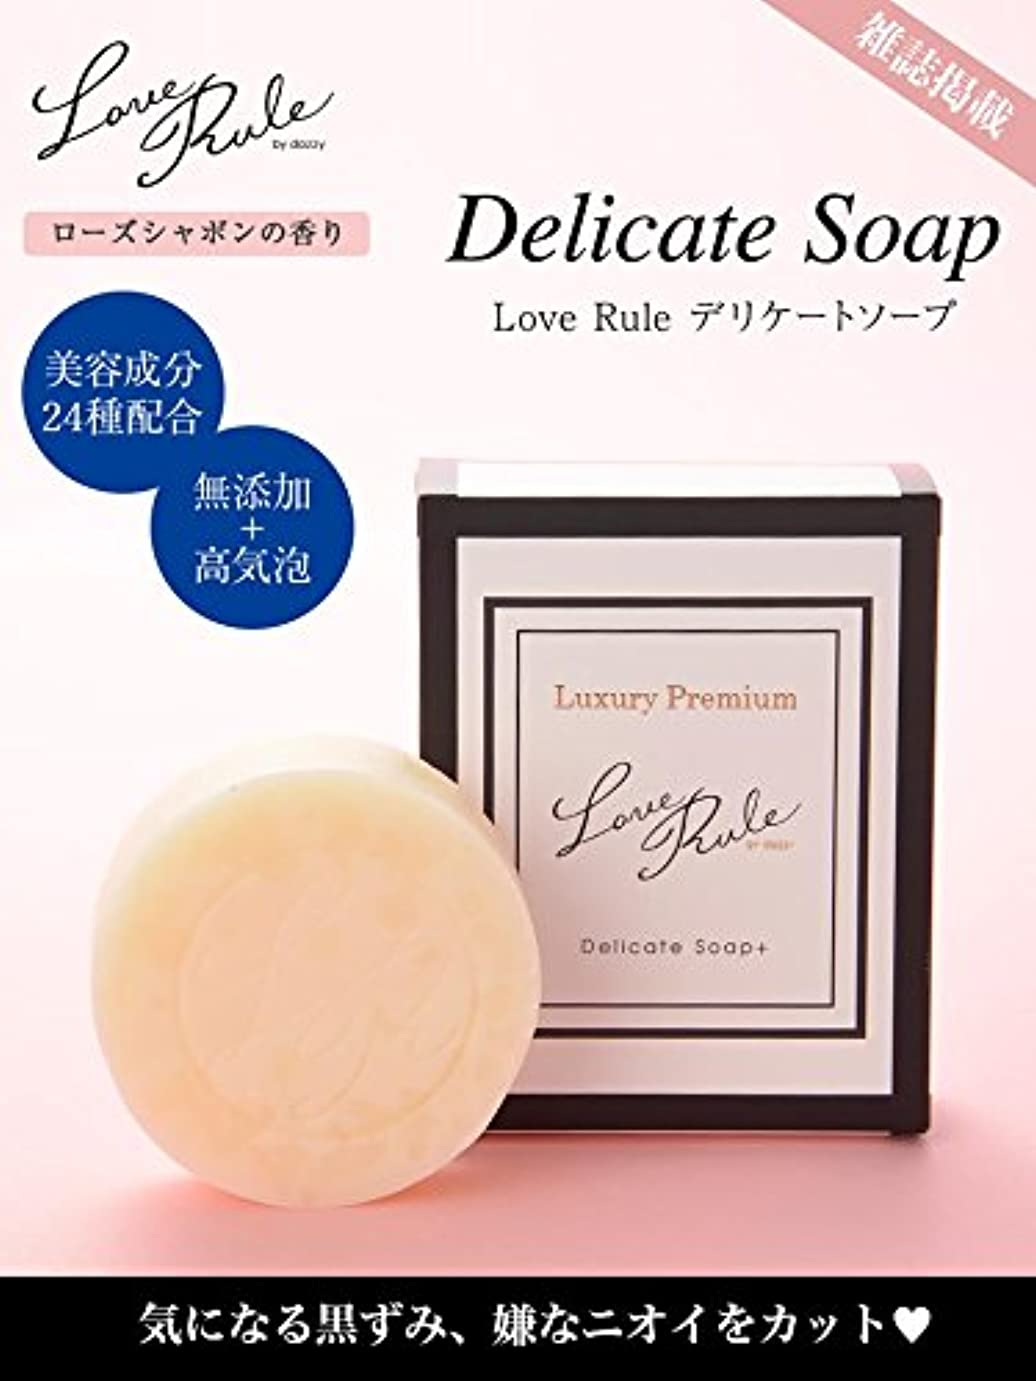 描くナットシュートLove Rule デリケートゾーン ソープ プラス 美容成分24種配合 石鹸